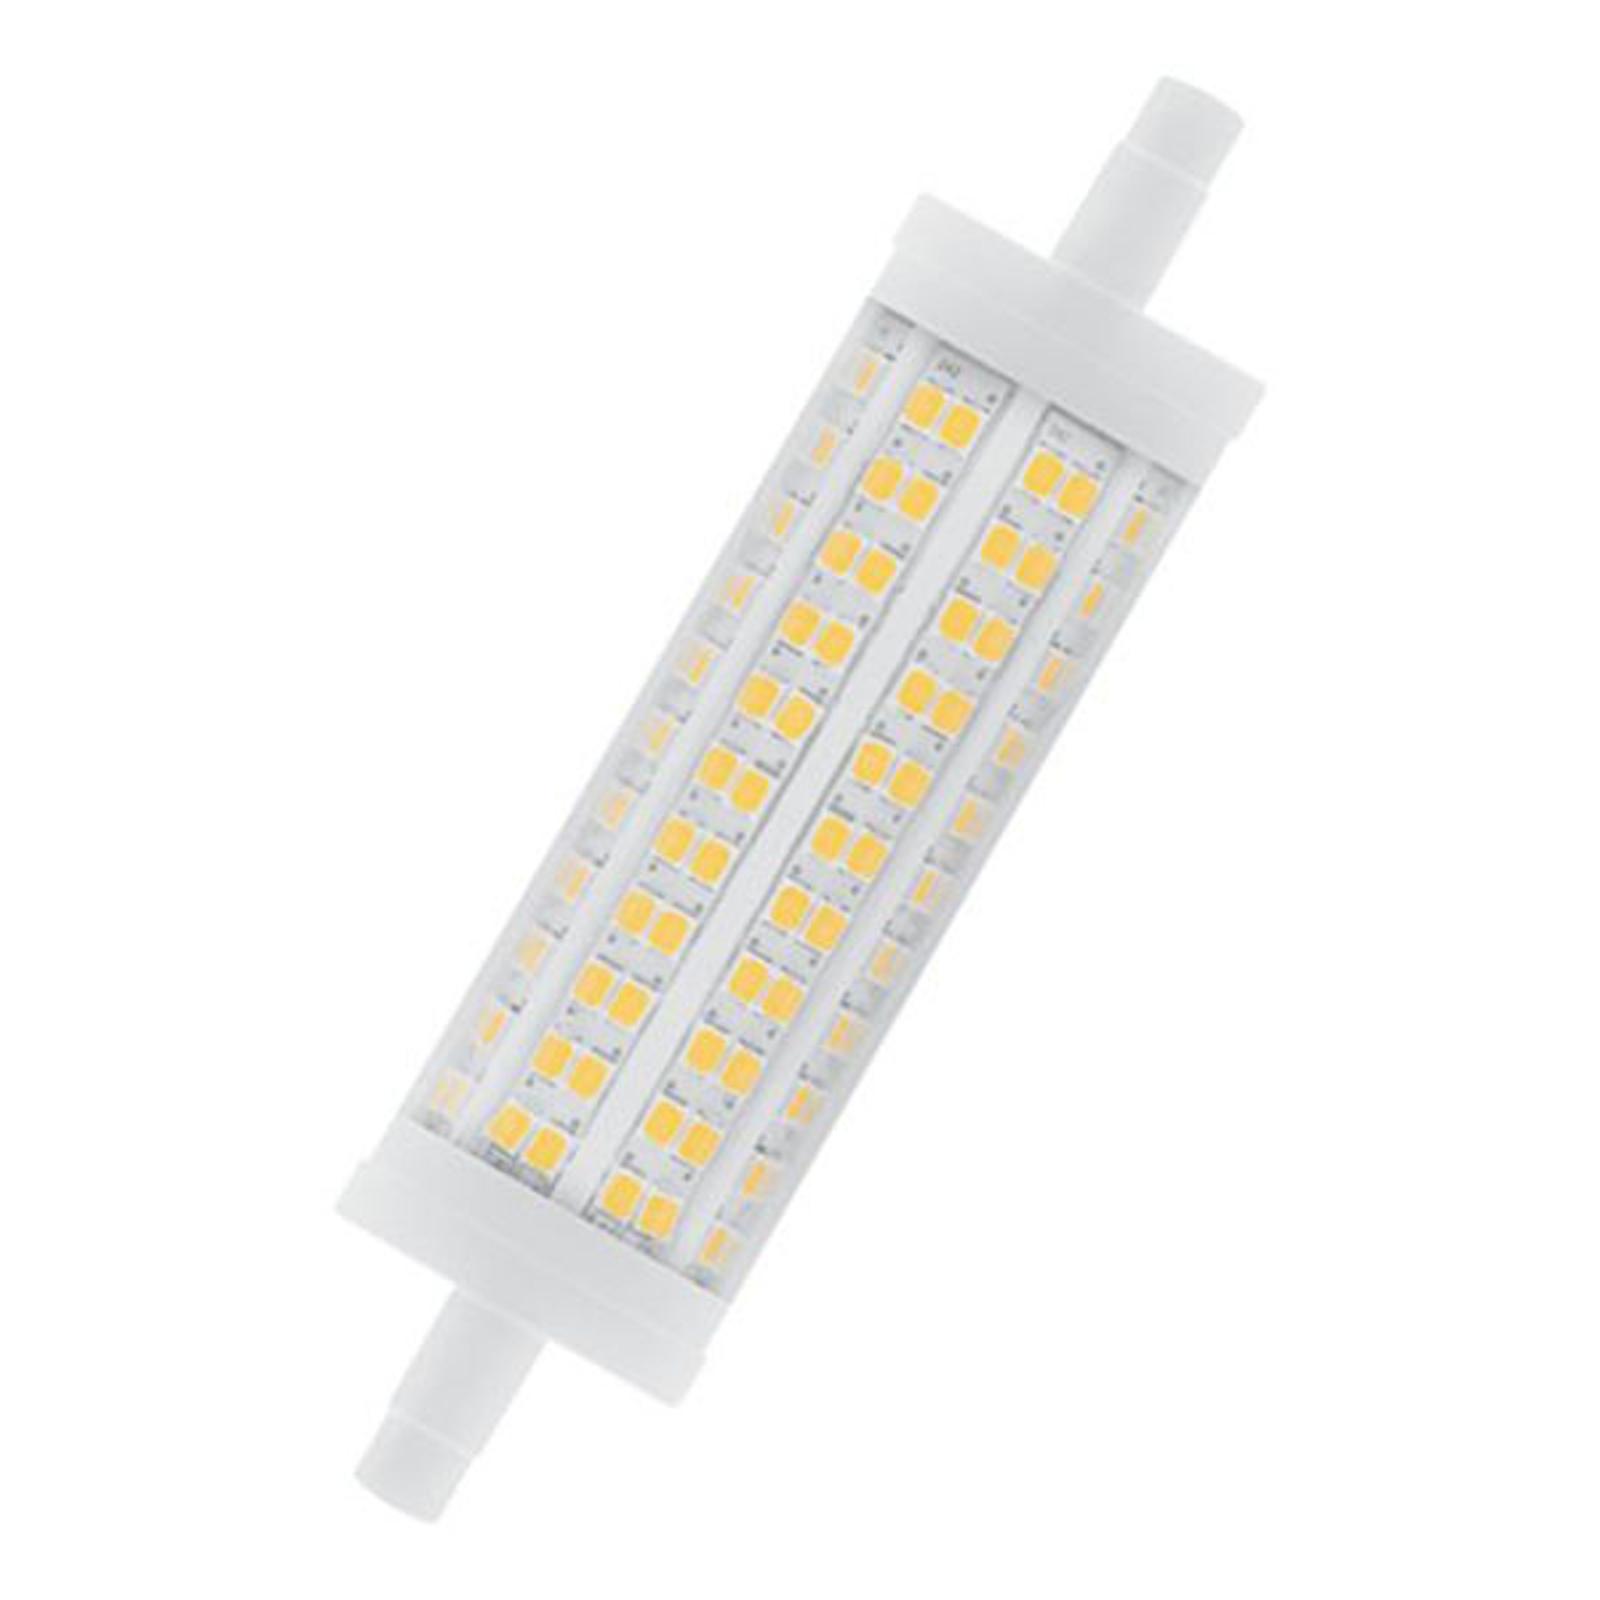 OSRAM LED-pære R7s 17,5 W 2700 K dimbar